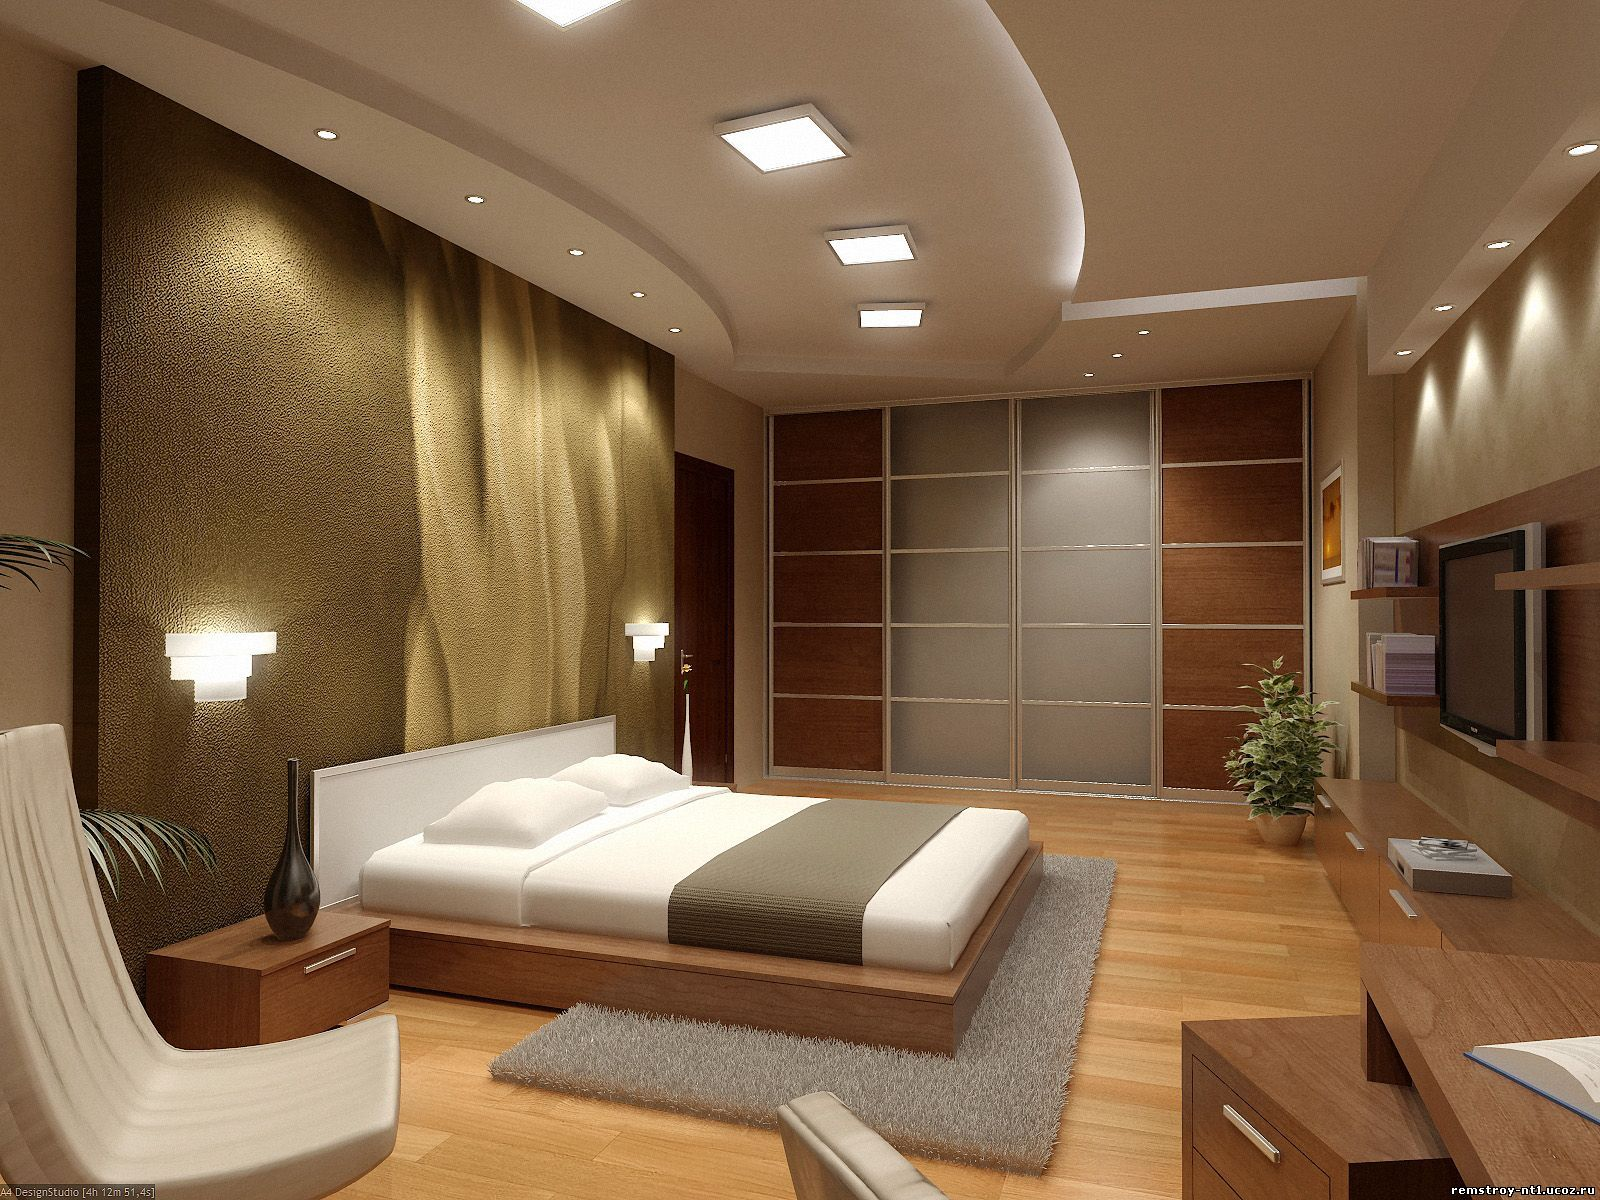 Ремонт спальни: дизайн для комфорта